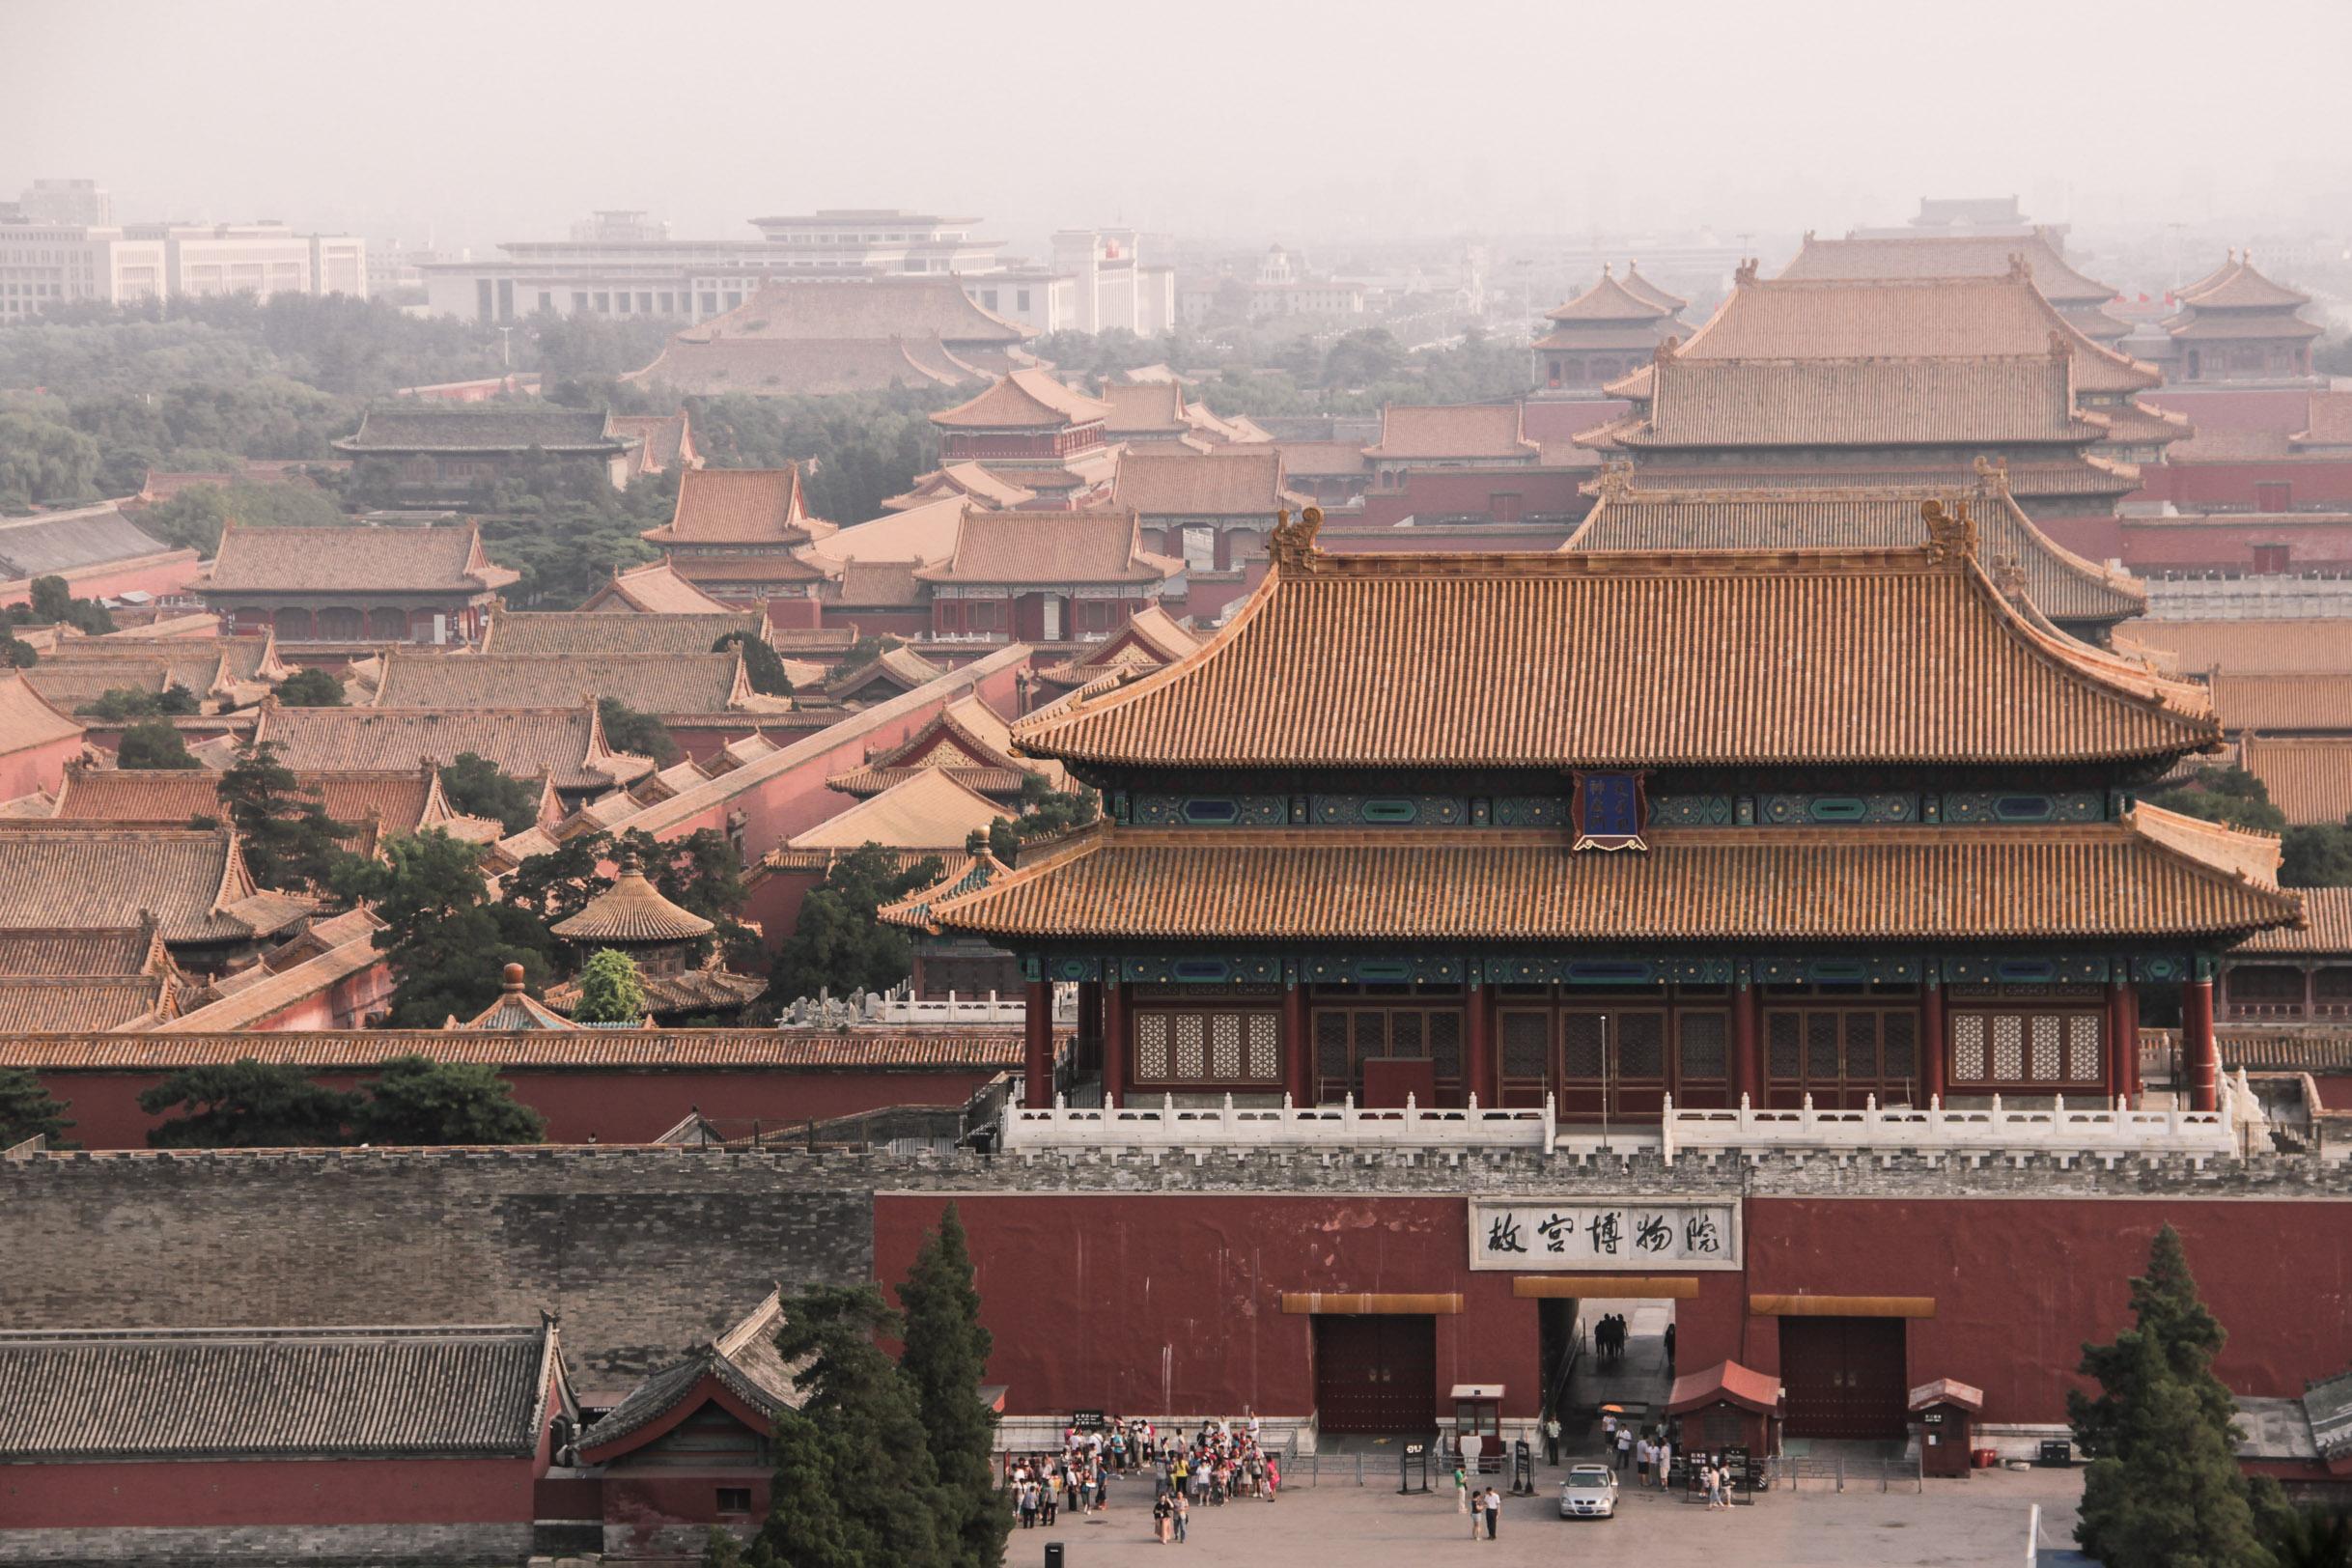 Vue de la Cité Interdite depuis le parc Jingshan